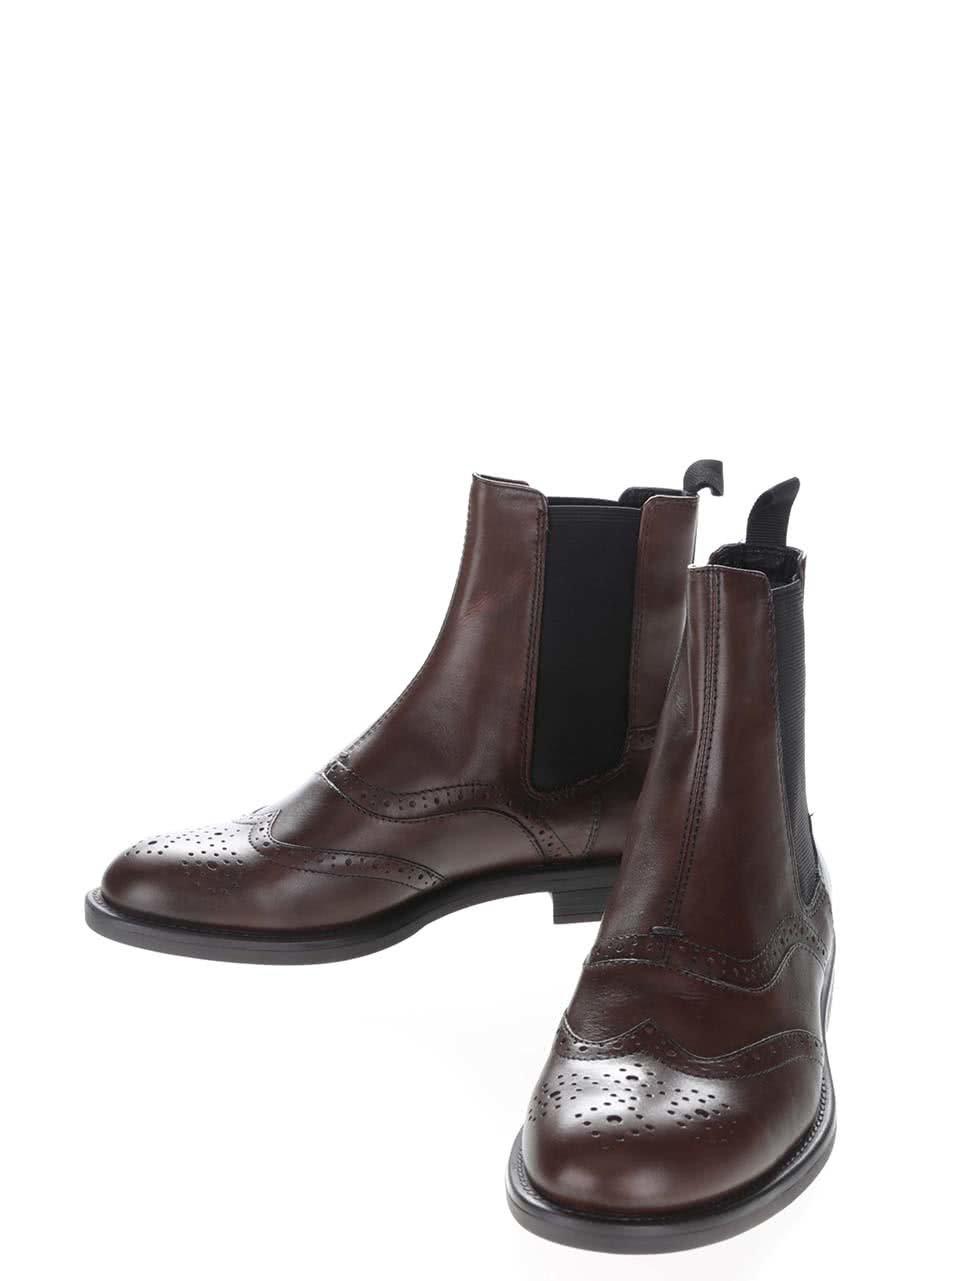 99ab9ce8048 Hnědé dámské kožené chelsea boty s brogue detaily Vagabond Amina ...